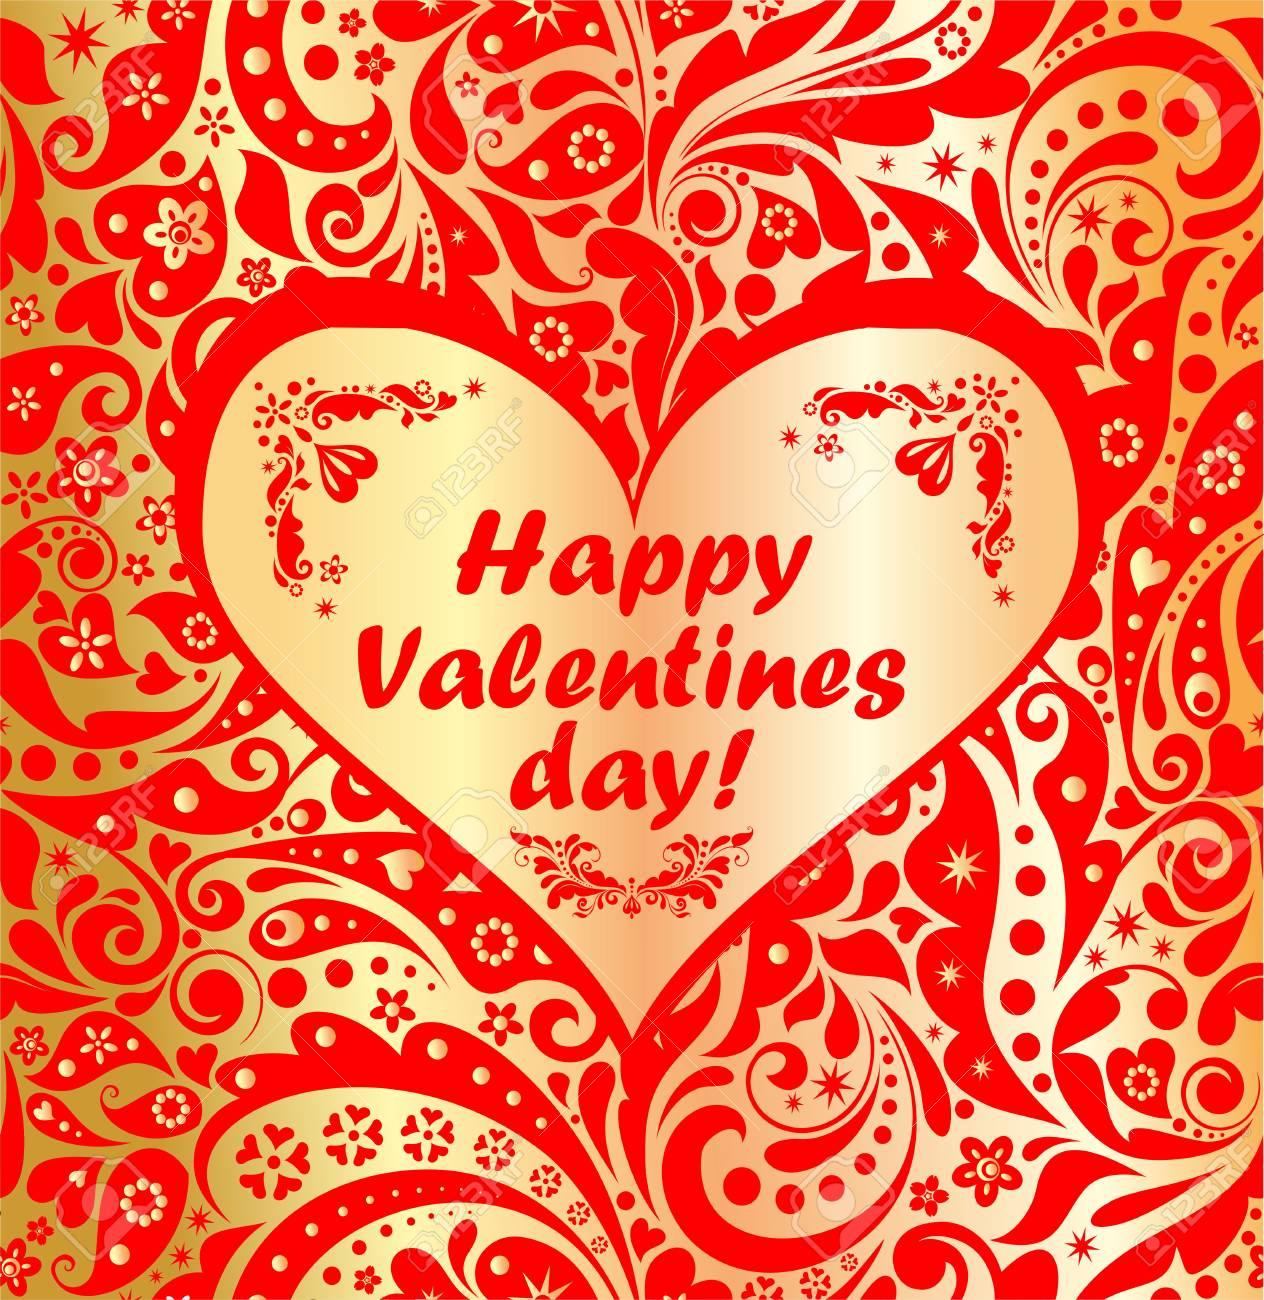 Gruss Fur Valentinstag Auf Luxus Floral Wallpaper Lizenzfrei Nutzbare